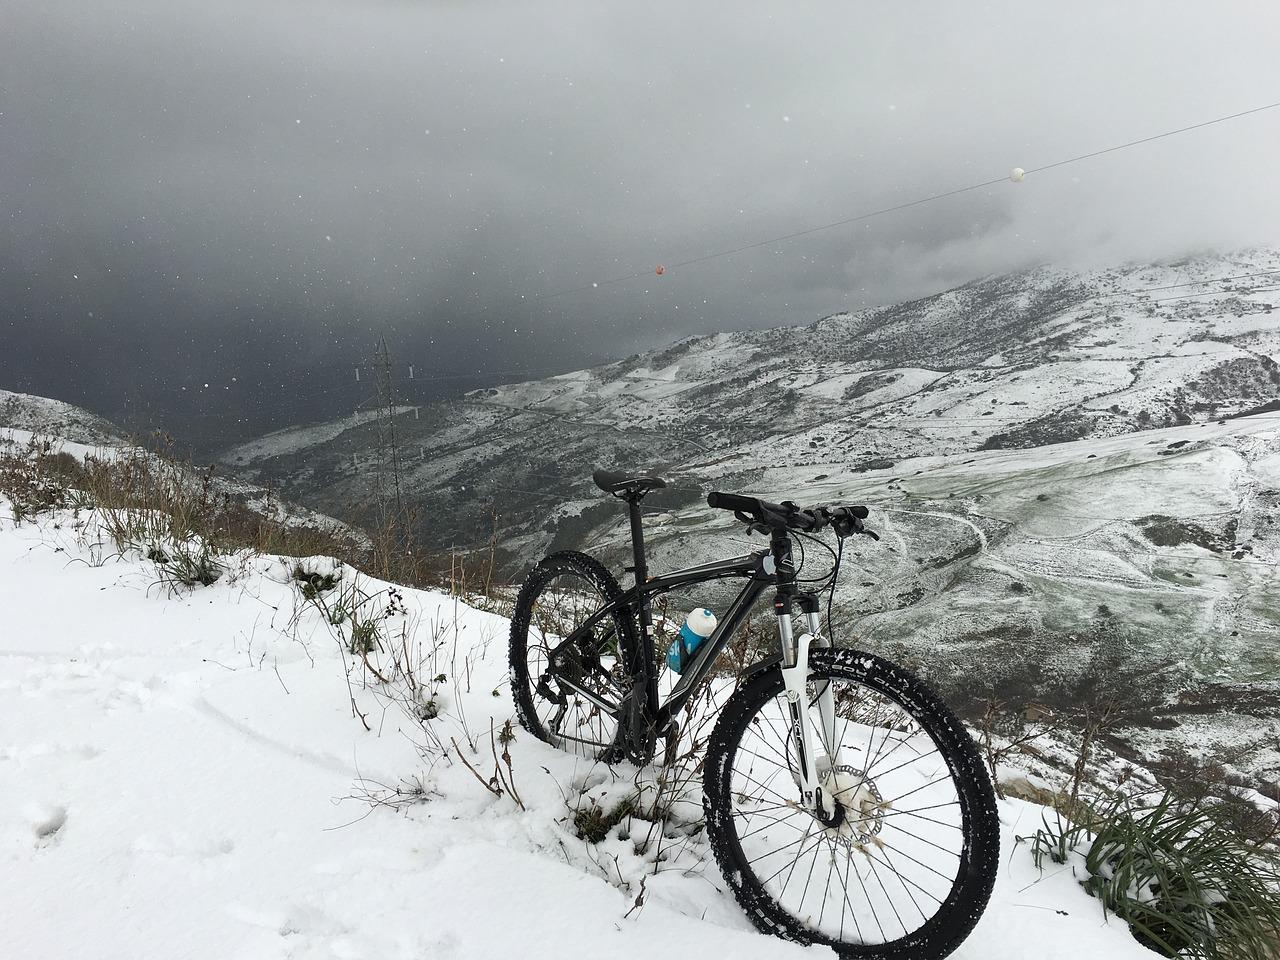 тогда евгений картинка велосипед и зима вечер это достаточно